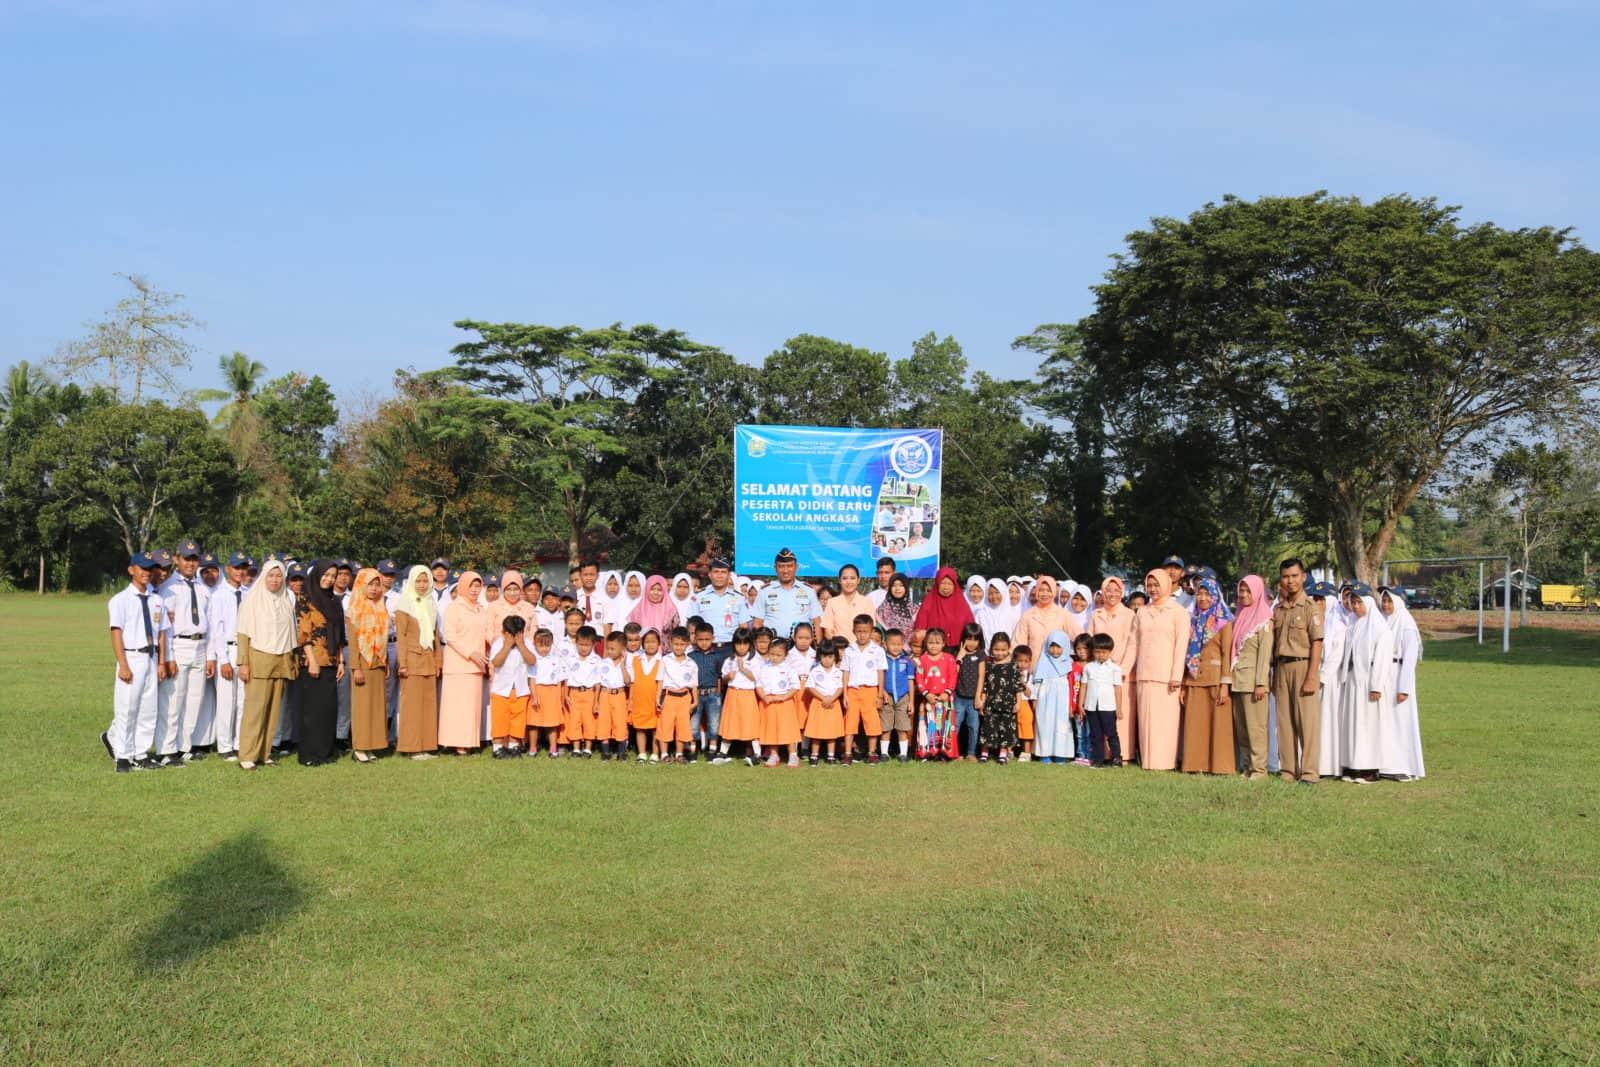 Upacara Penerimaan Siswa-Siswi Baru Serta MPLS TK dan SMP Angkasa Lanud Pangeran M. Bun Yamin